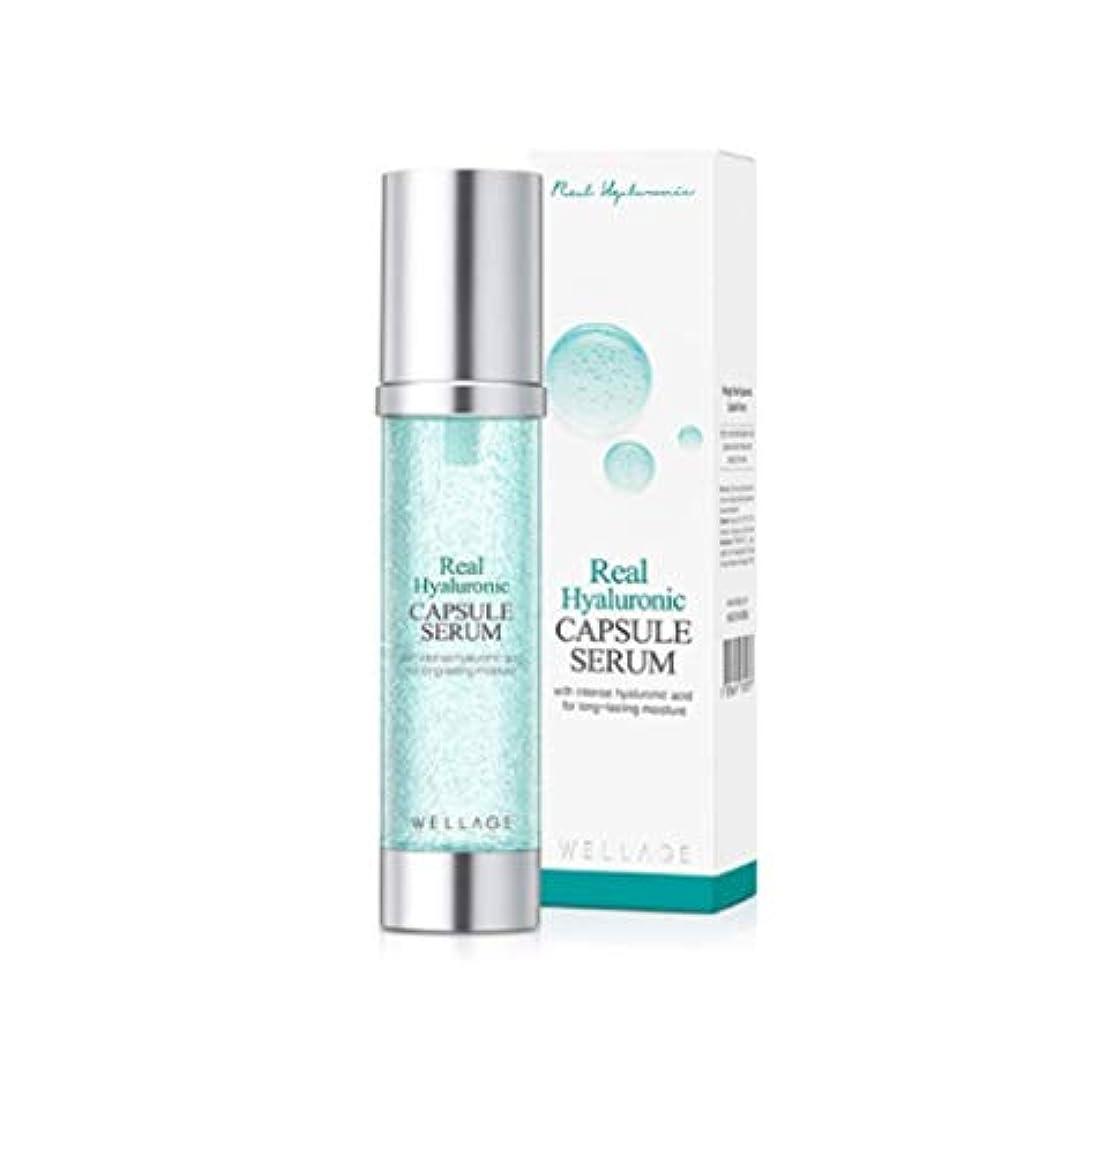 同等の寛大さインサートWELLAGE(ウェラージュ) リアルヒアルロン酸カプセル血清 50ml / Real Hyaluronic Capsule Serum (Korea Beautyの持続的な水分補給)